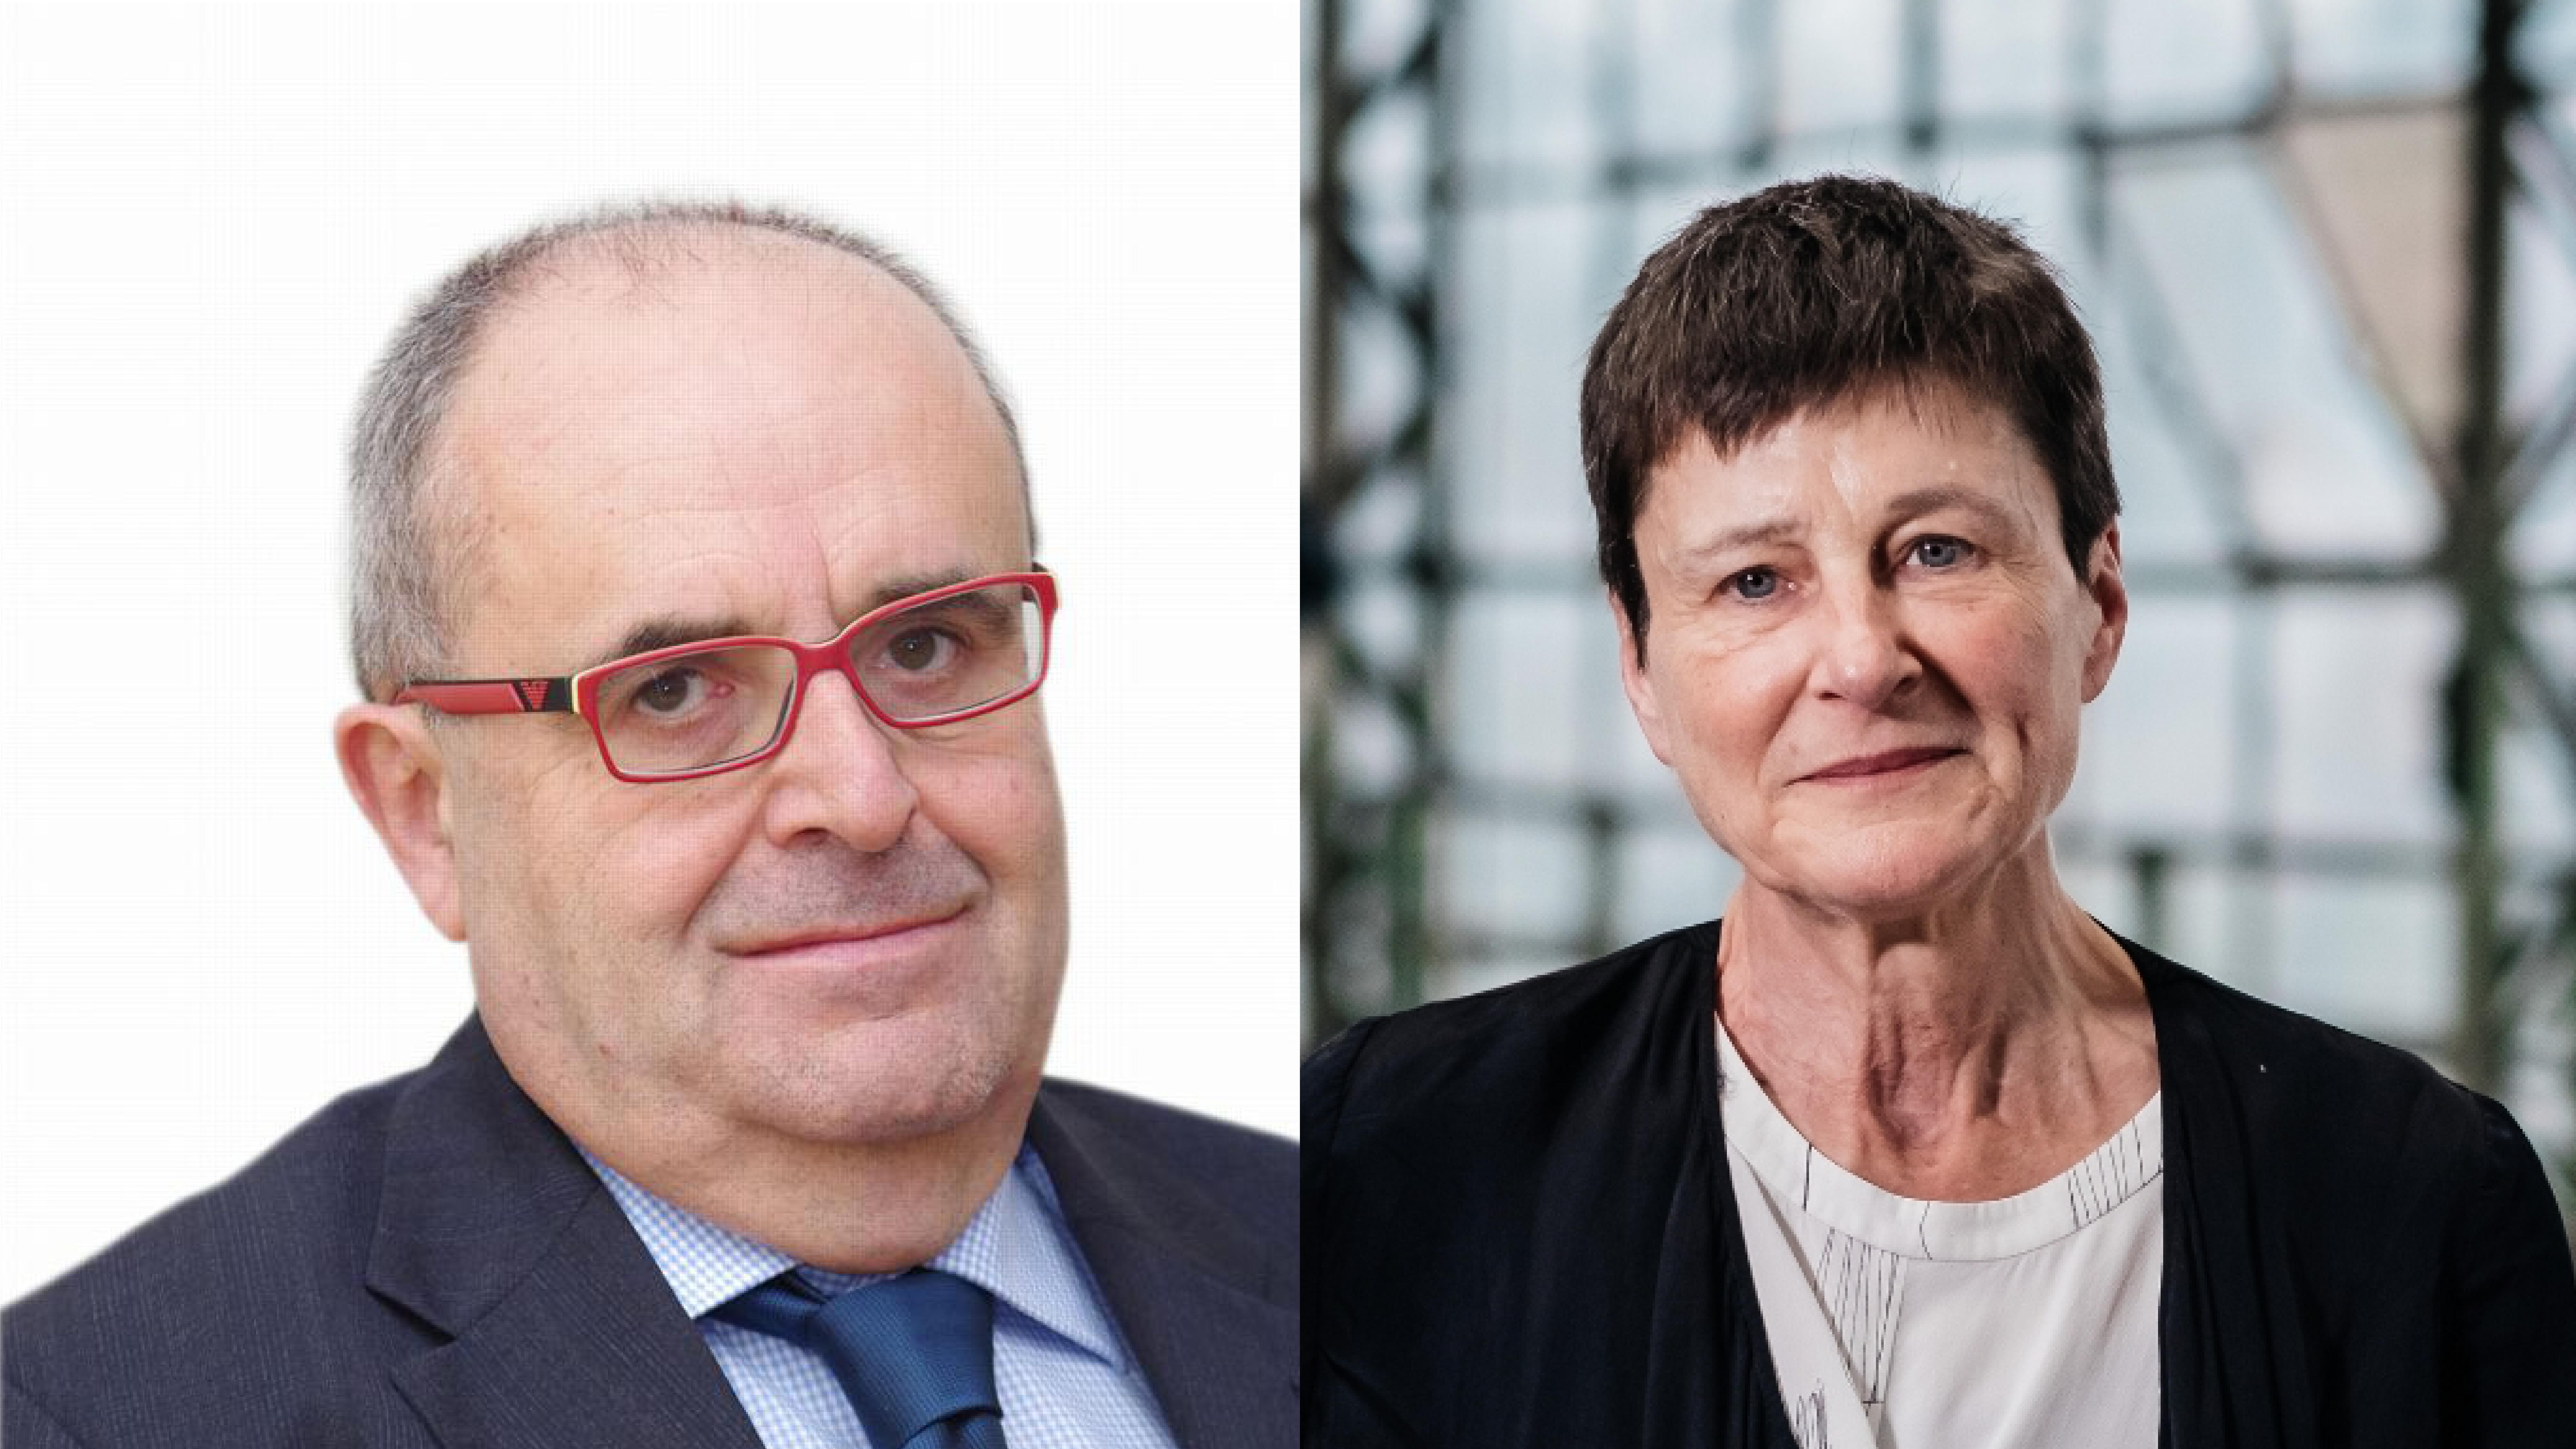 Regering duidt onafhankelijke experten Ronnie Belmans en Catherine Verfaillie aan als bestuursleden van nucleaire instellingen SCK en IRE